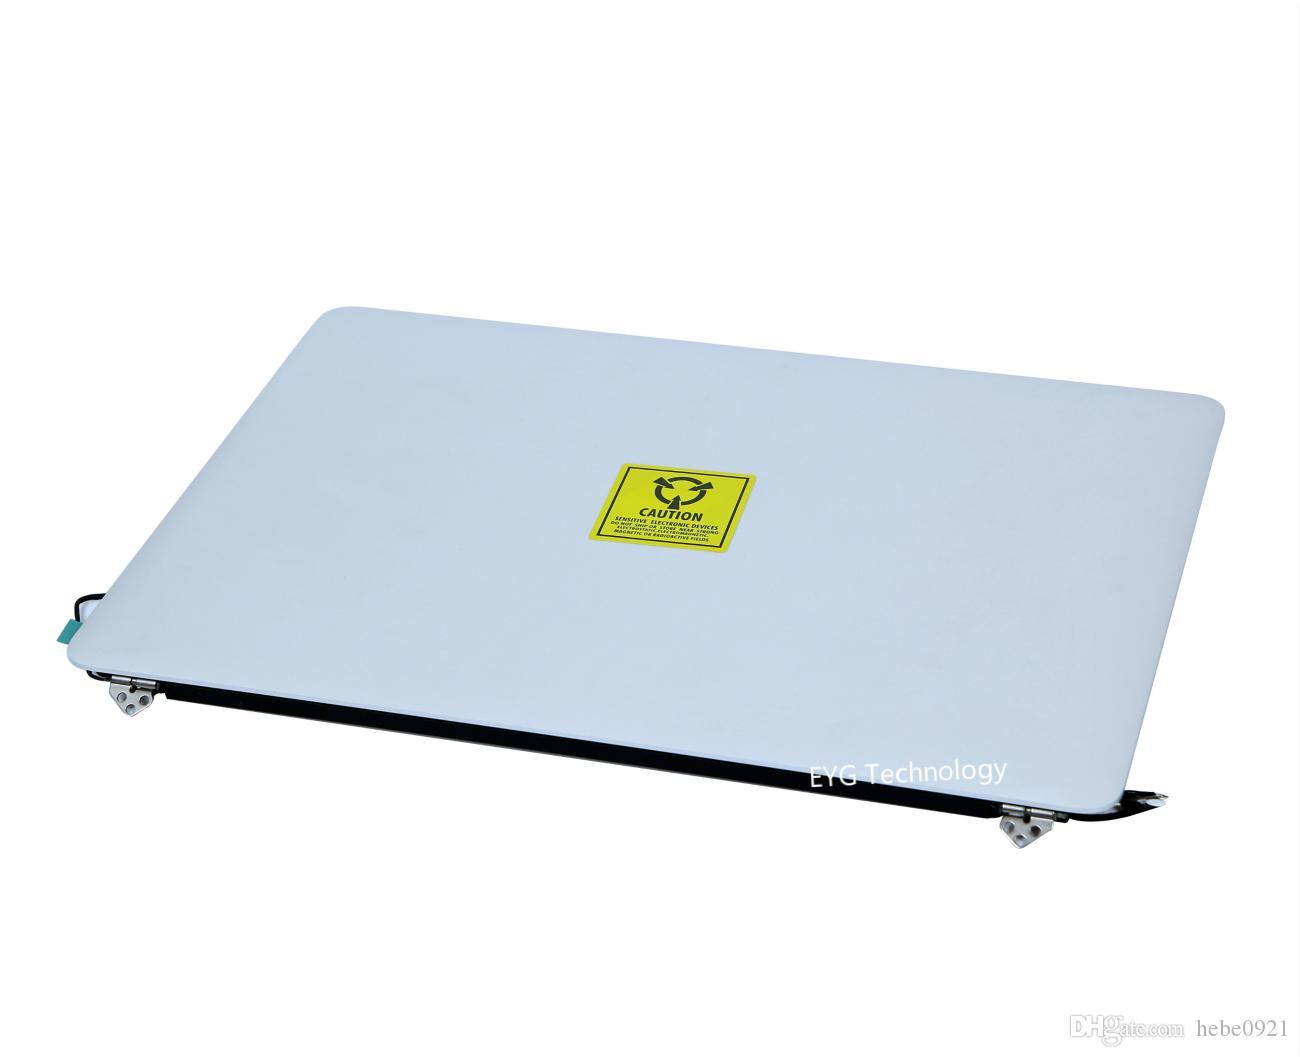 98% Yeni A1398 2012 LCD Ekran Komple LCD Montaj Tam Ekran Macbook Pro 15.4 '' 2012